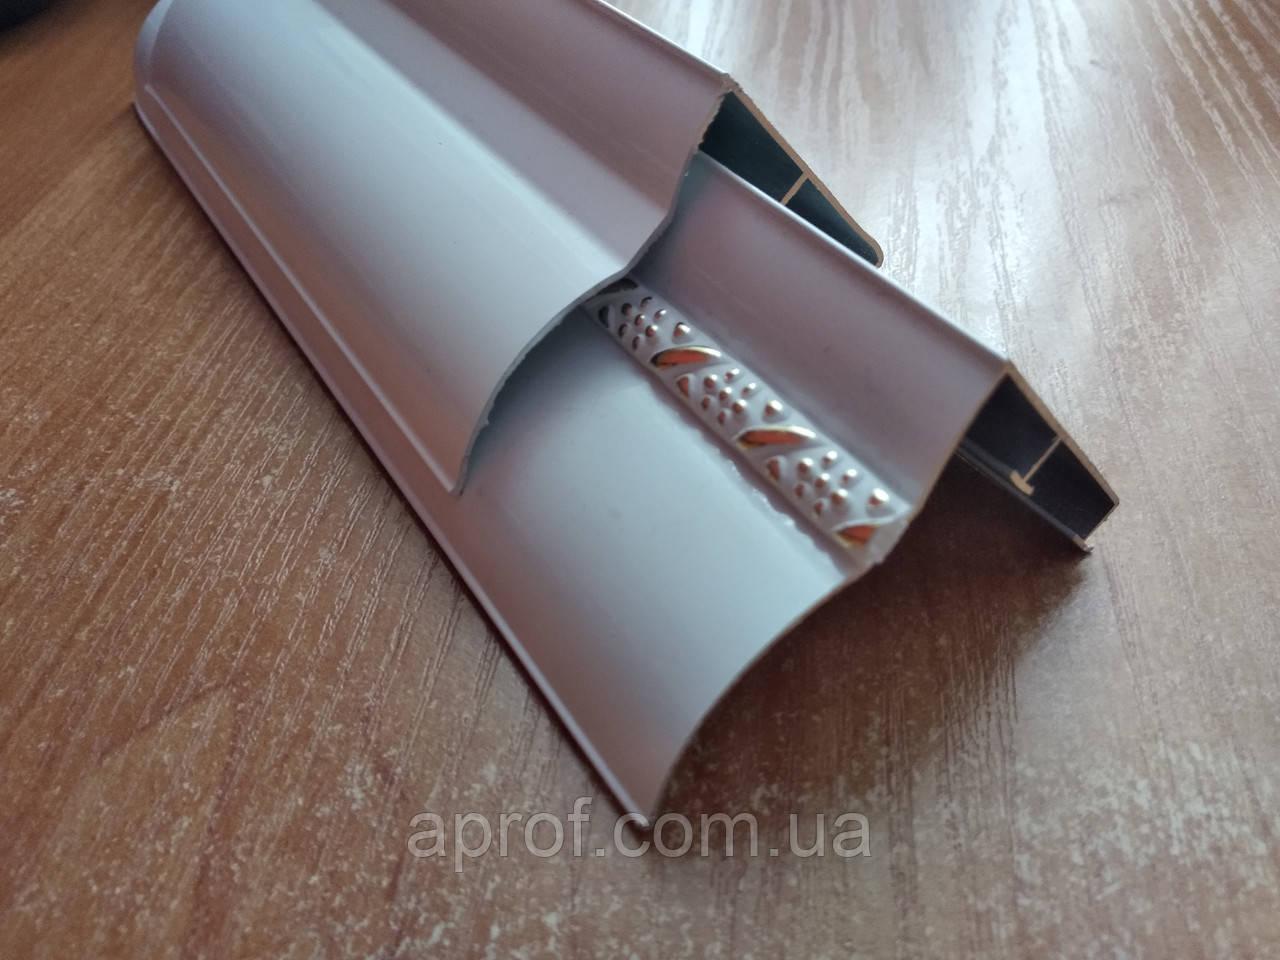 Карниз алюминиевый БПО-07 двухрядный (1,5 м)